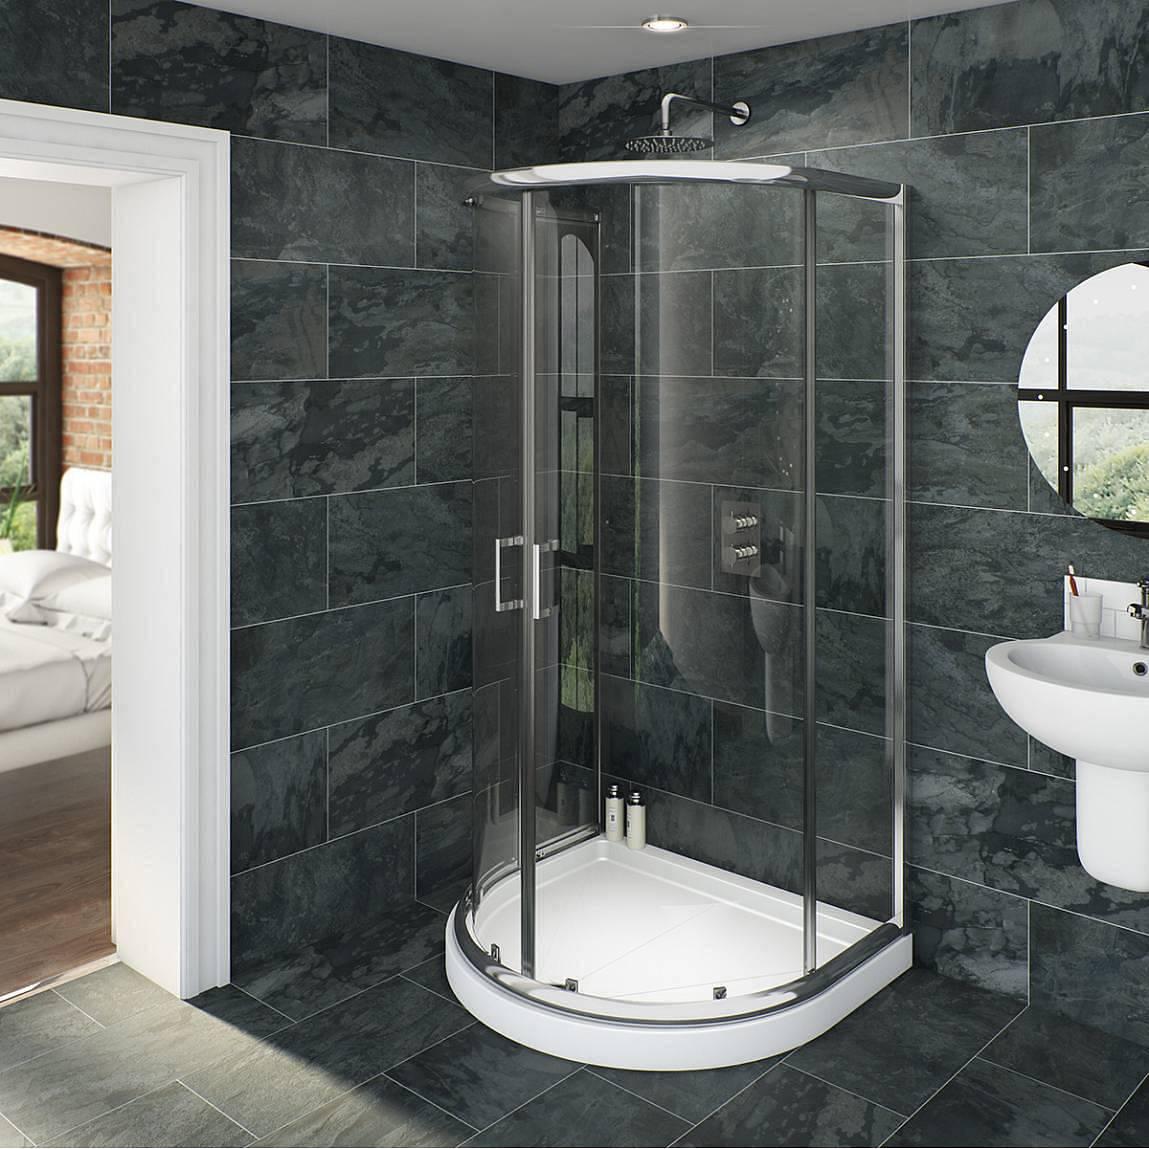 Image of V6 6mm D Shaped Shower Enclosure